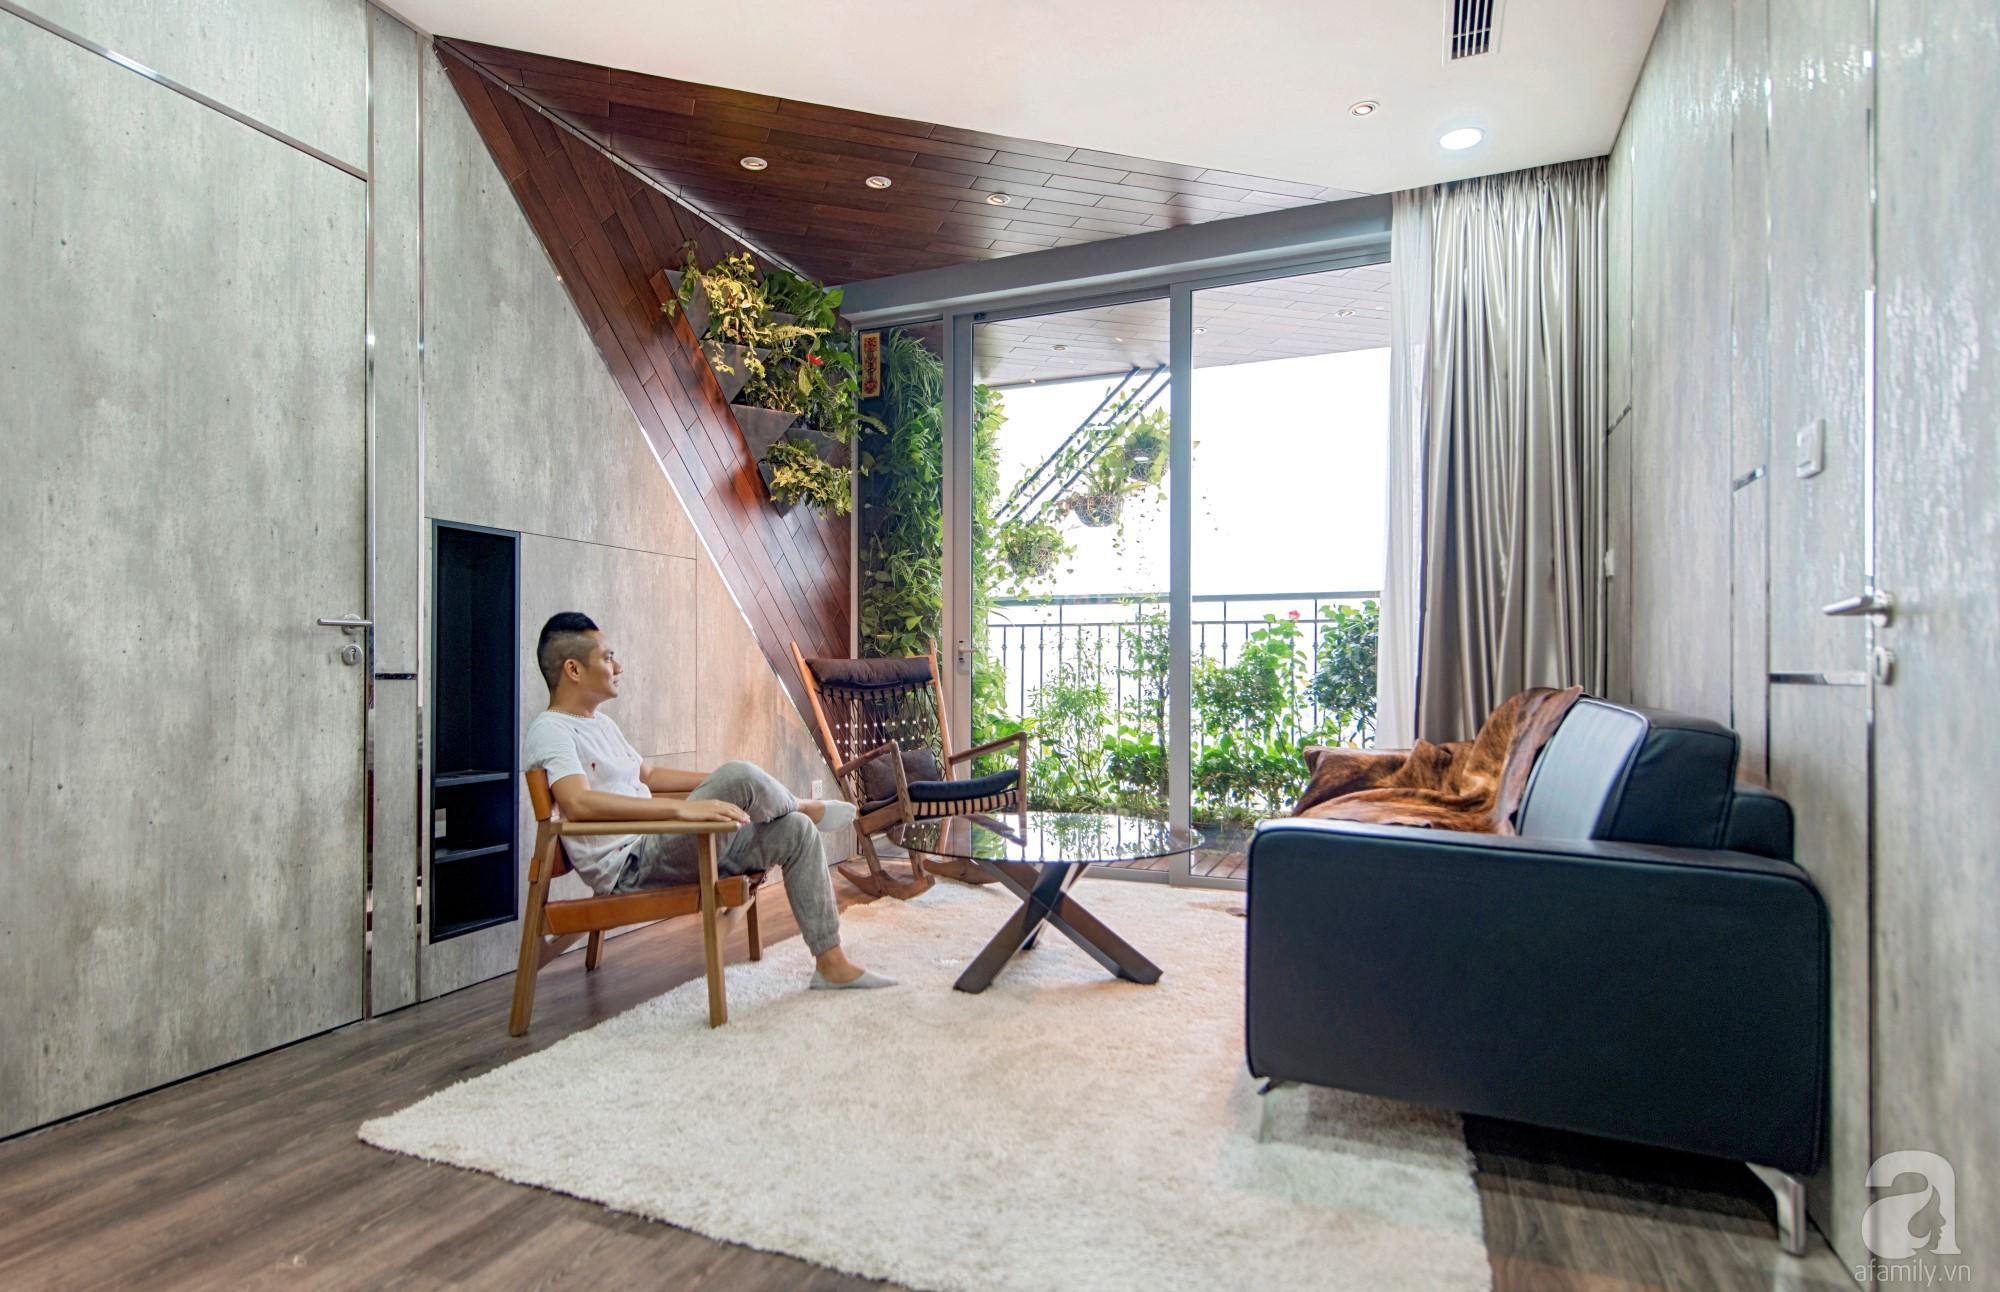 Căn hộ 80m² trên tầng 21 đẹp độc đáo với chi phí cải tạo 780 triệu đồng của chủ nhà yêu cây xanh - Ảnh 6.